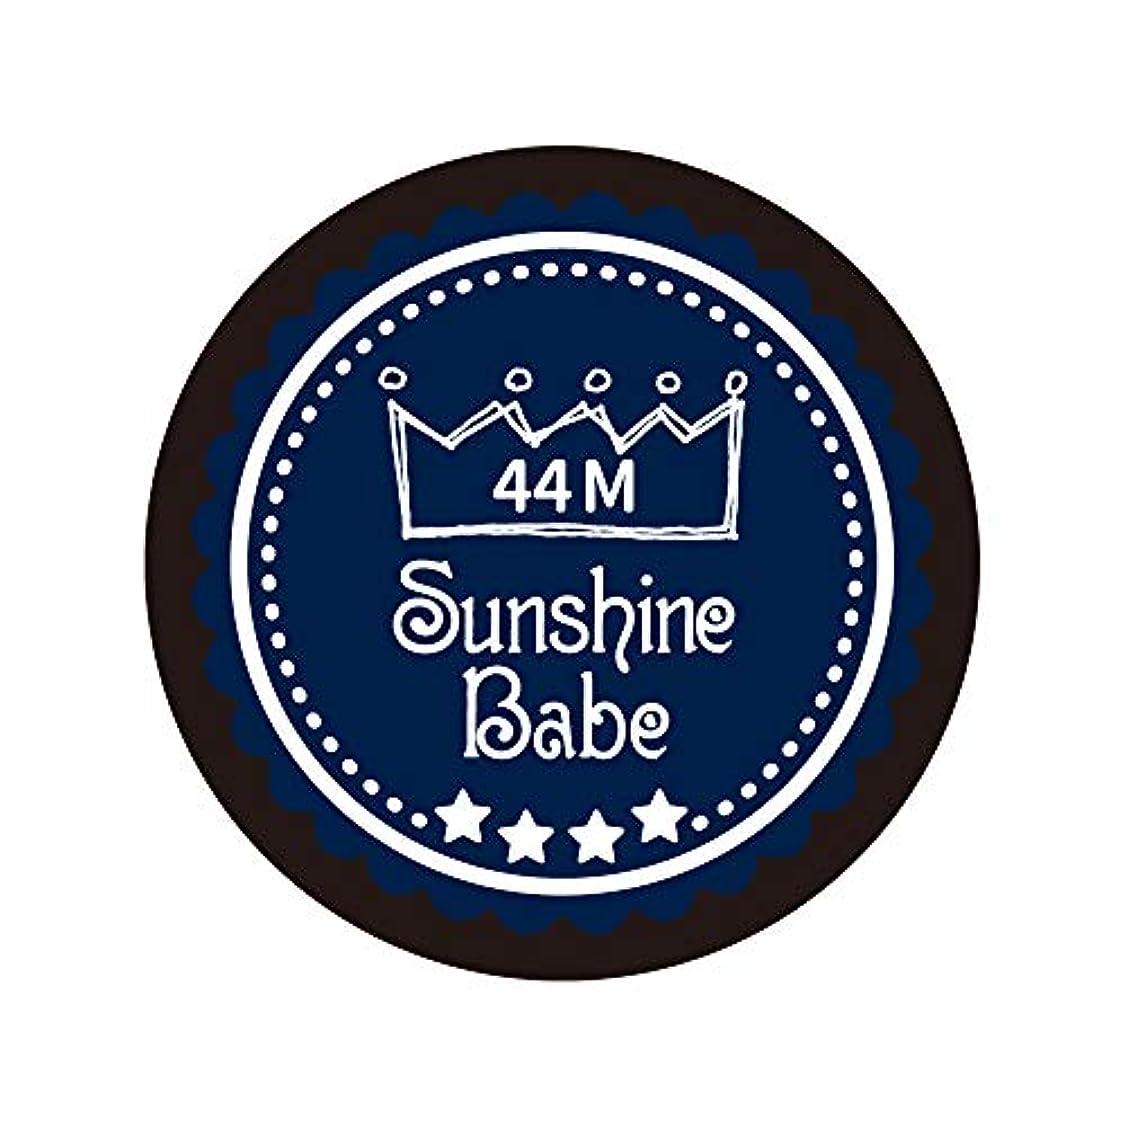 衣類月曜日再開Sunshine Babe カラージェル 44M クラシックネイビー 4g UV/LED対応